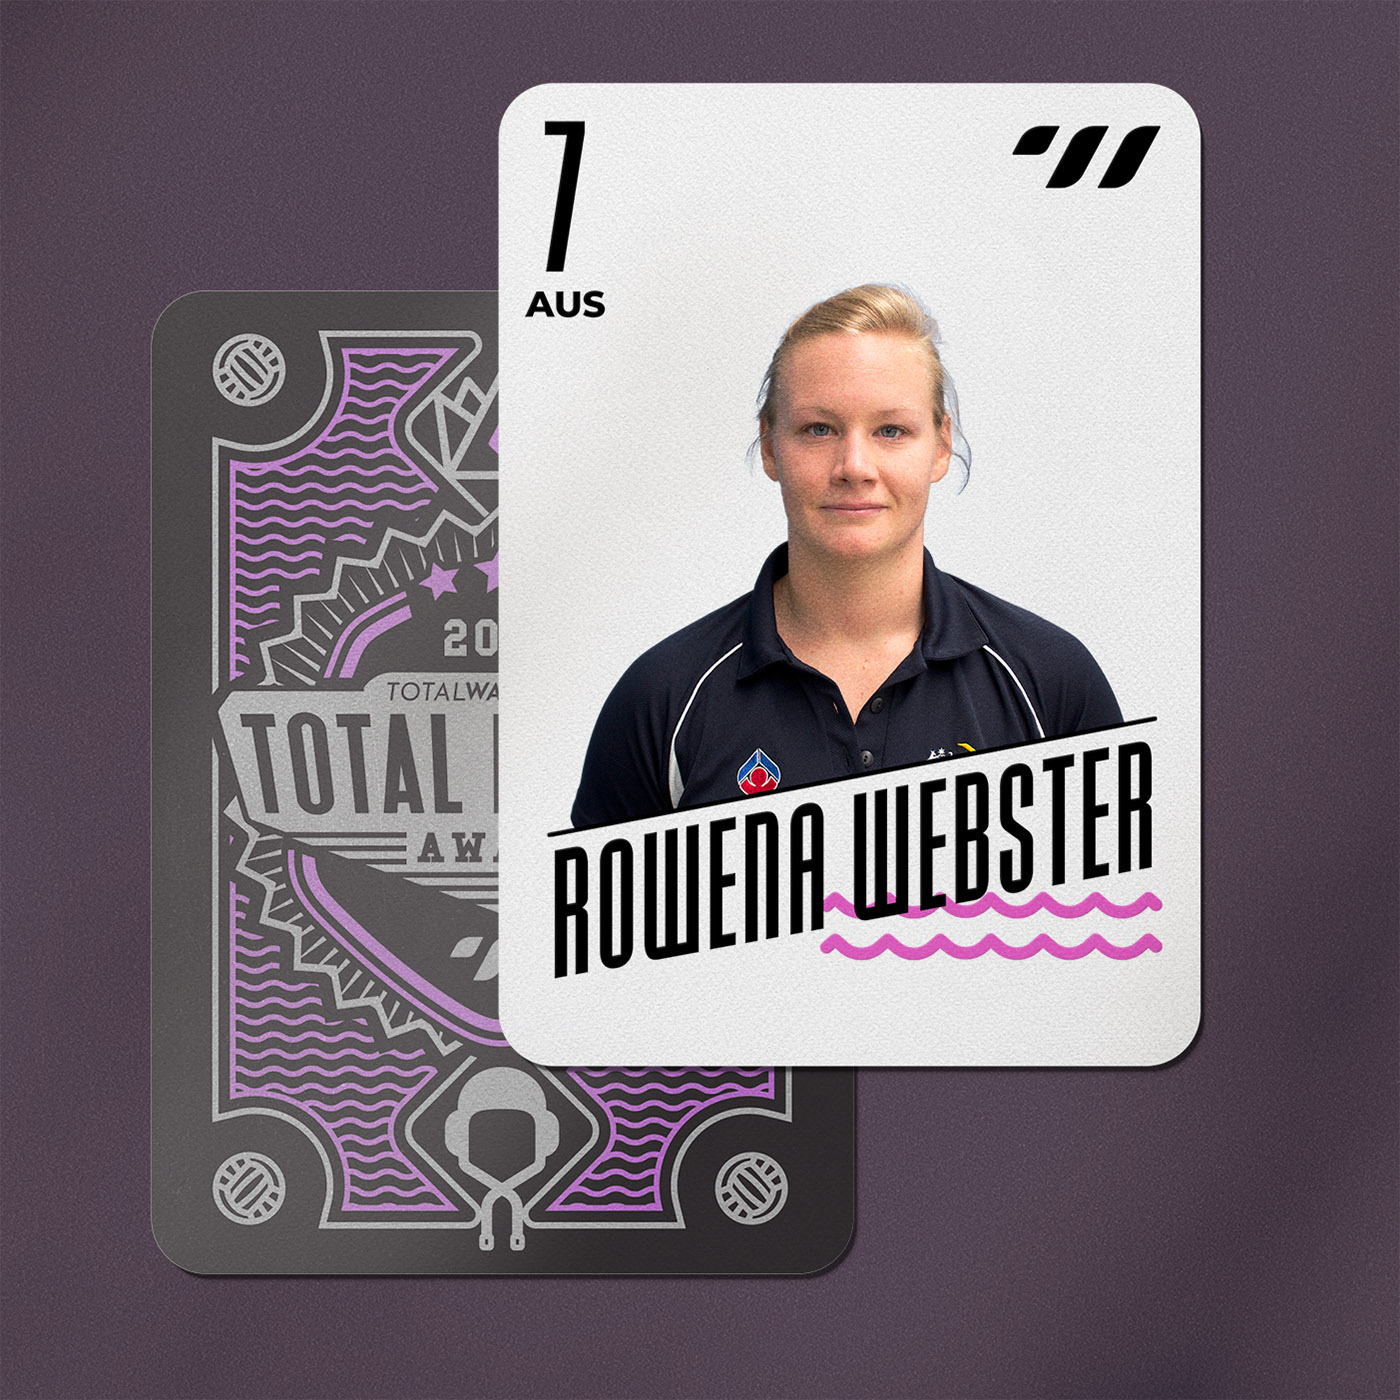 CENTER BACK - Rowena Webster (AUS)